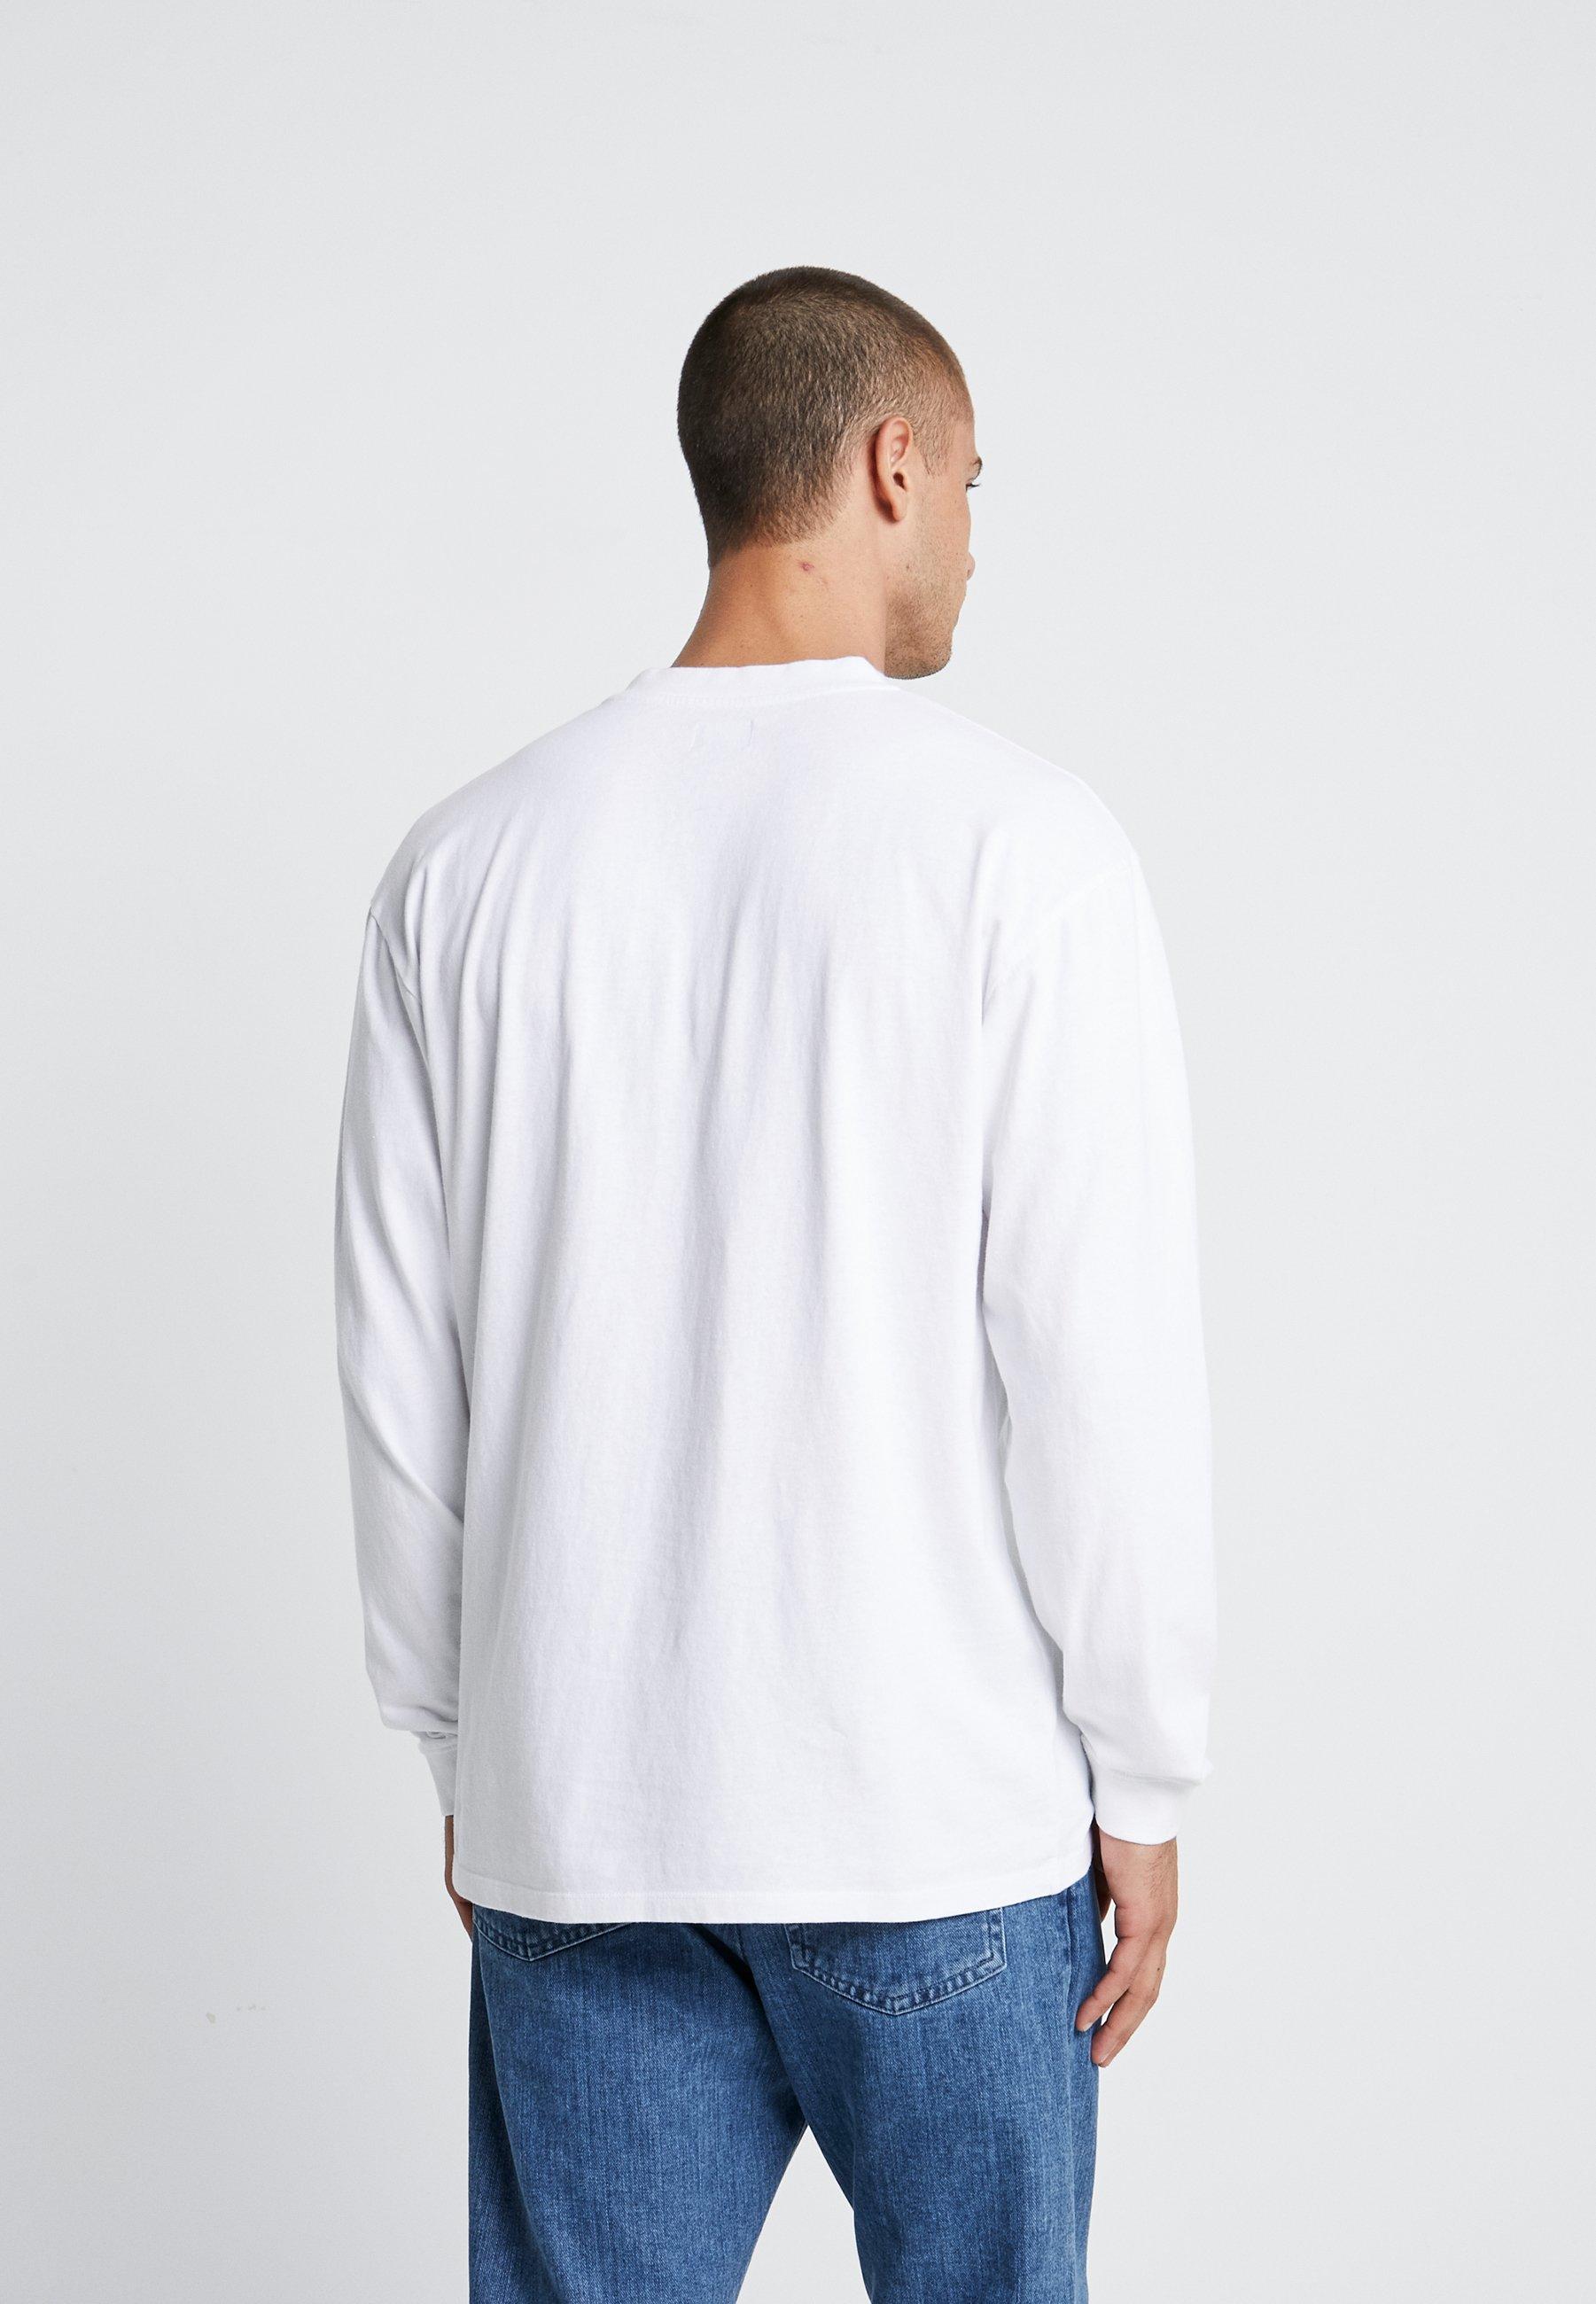 À Longues Manches shirt Edwin ImprintT White 6gyY7bfv